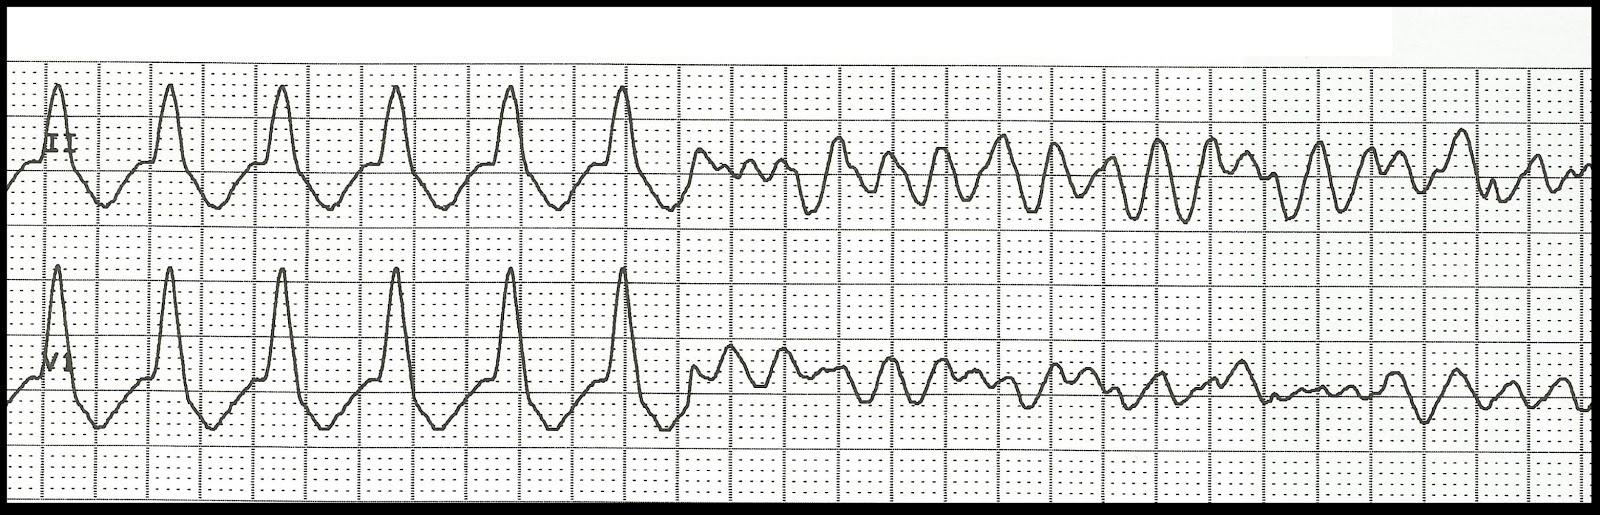 Float Nurse: ECG Rhythm Strip Quiz 97: Ventricular Rhythms Ventricular Tachycardia Rhythm Strip